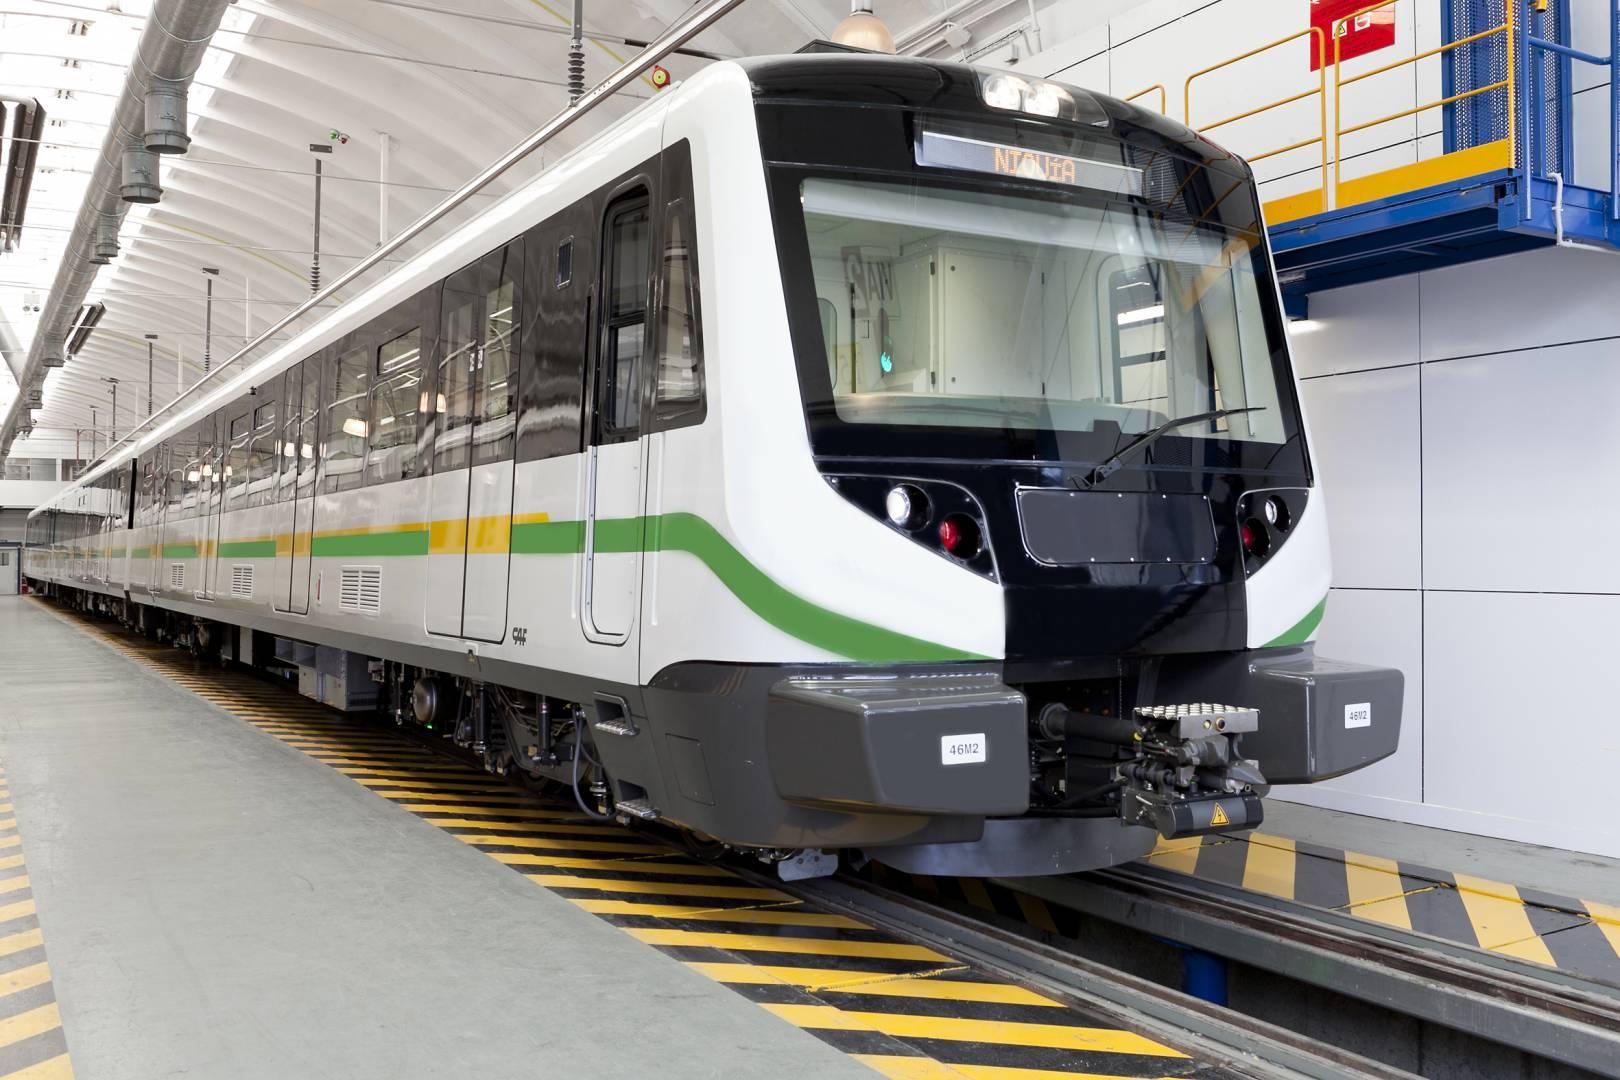 Una de las unidades entregadas anteriormente al metroo de Medellín. Foto: ©CAF.